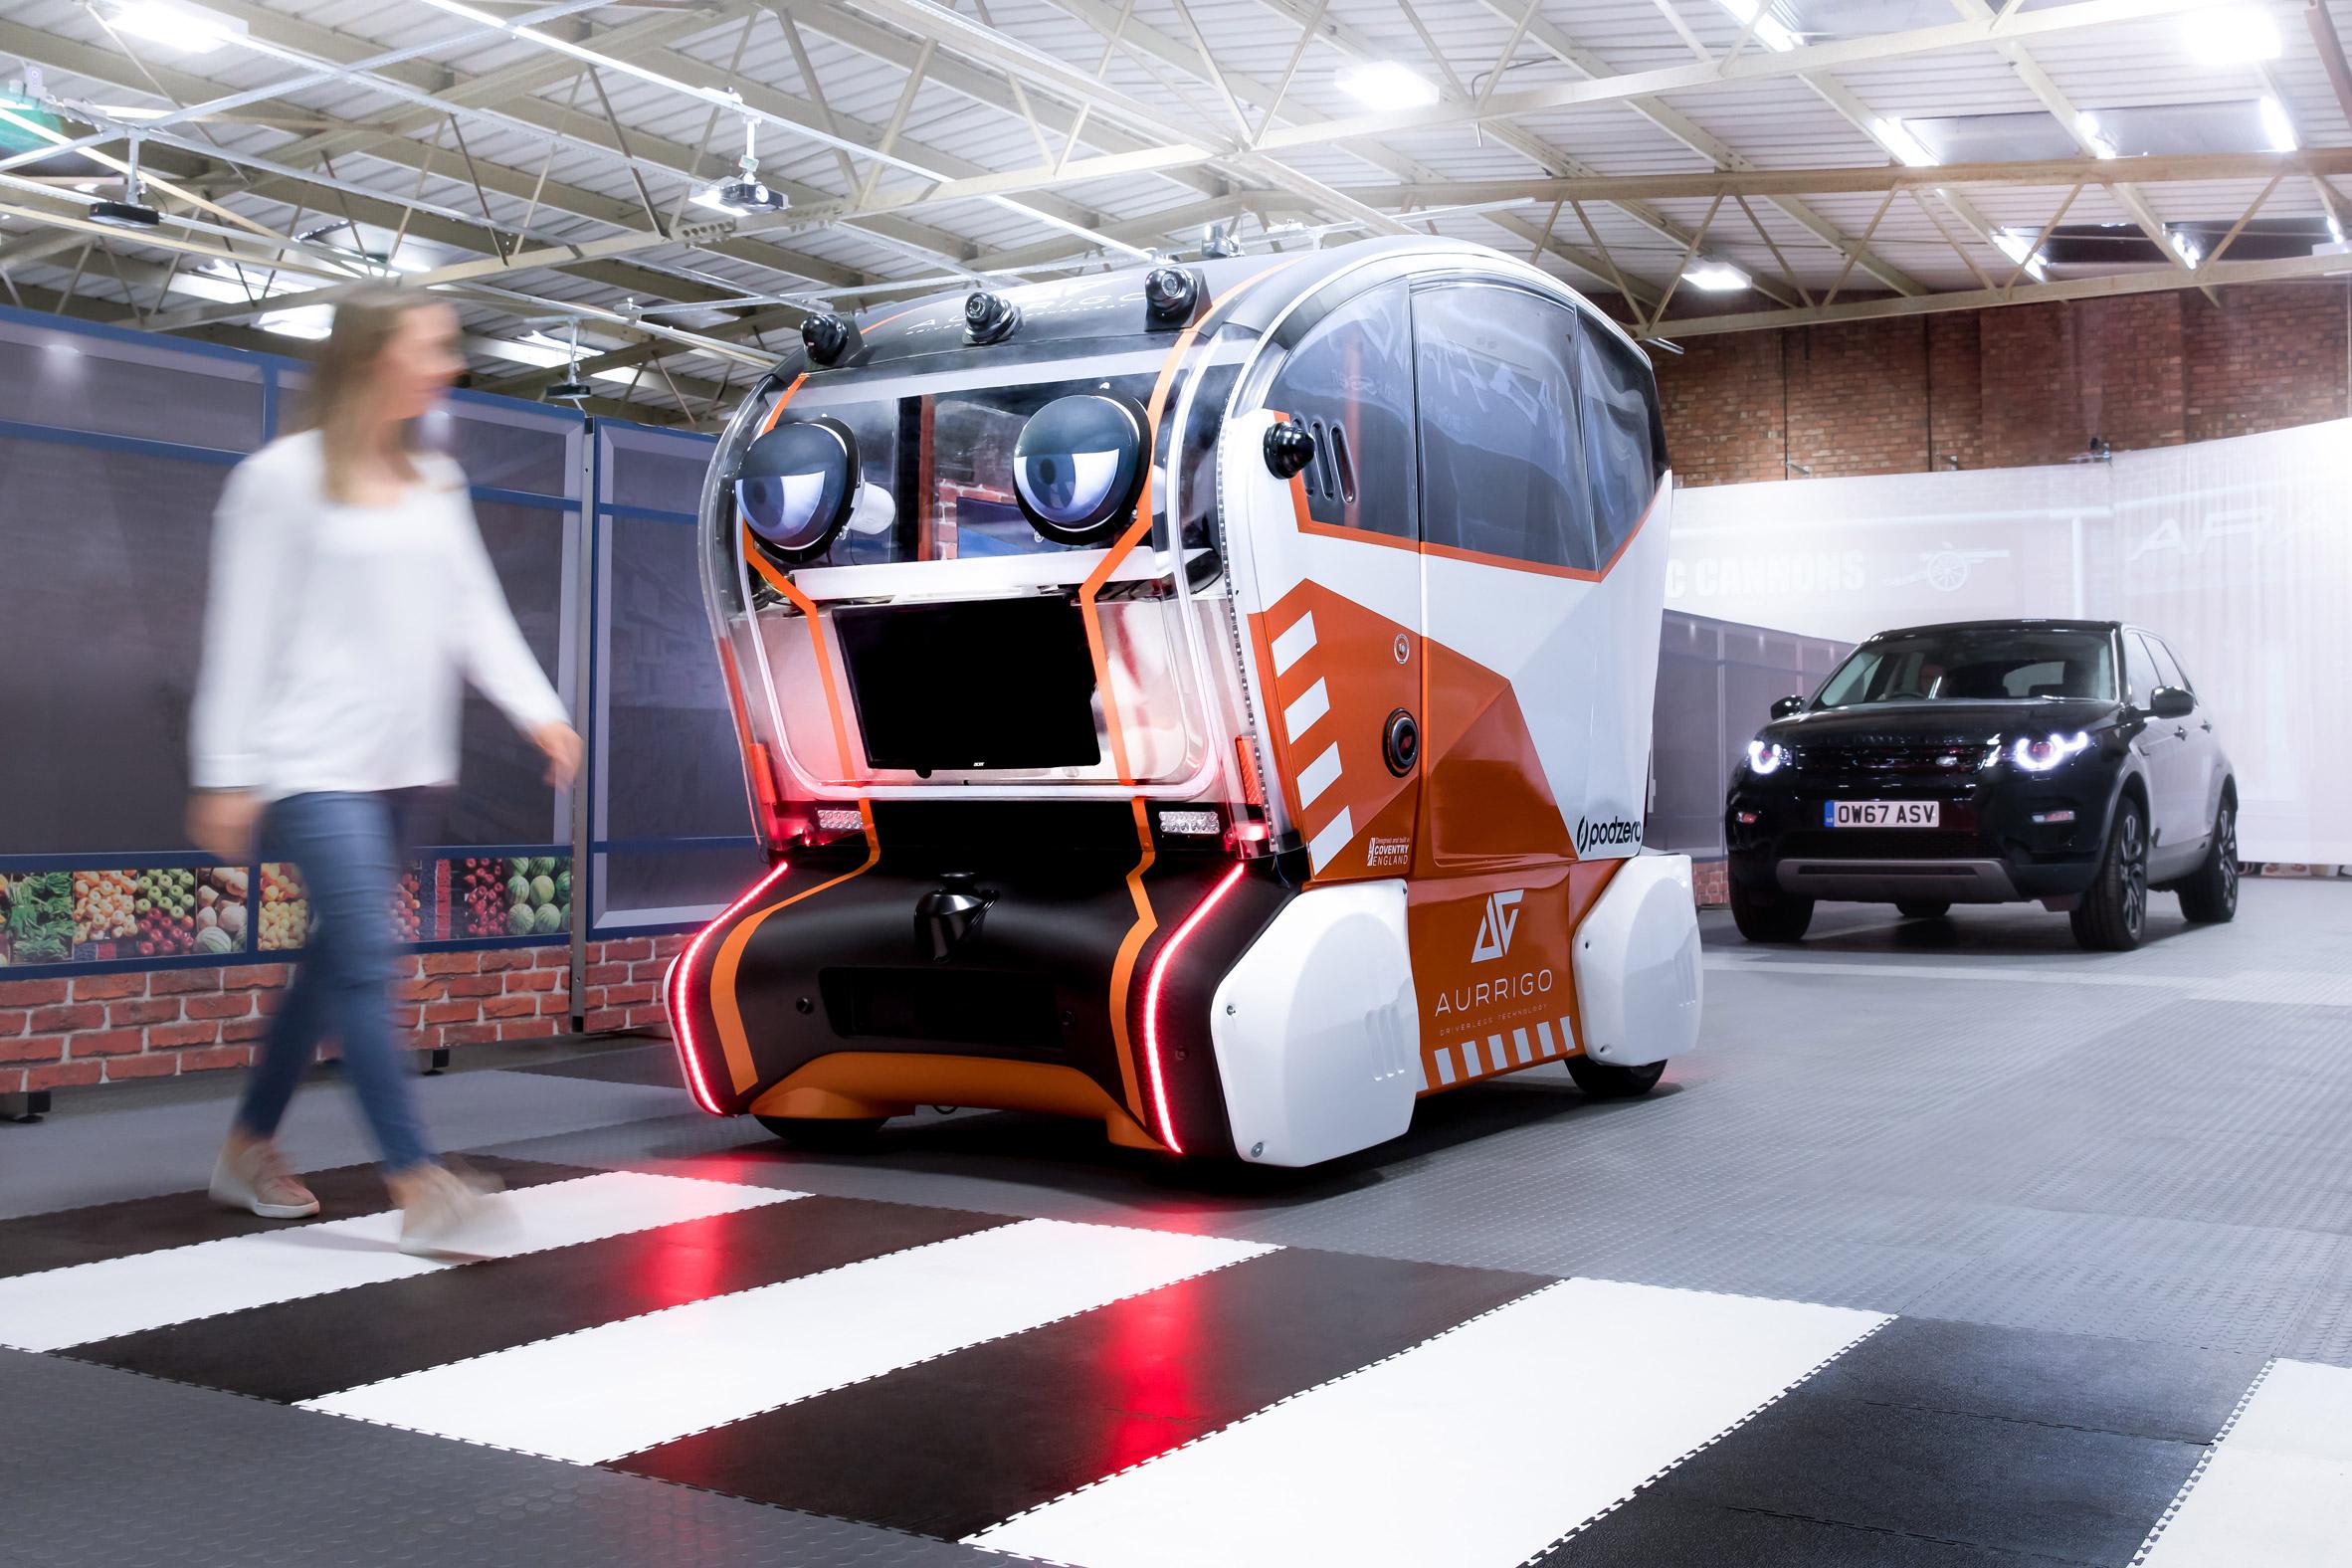 https://static.dezeen.com/uploads/2018/09/jaguar-land-rover-selfdriving-car-eyes-transport-technology_dezeen_2364_col_2.jpg